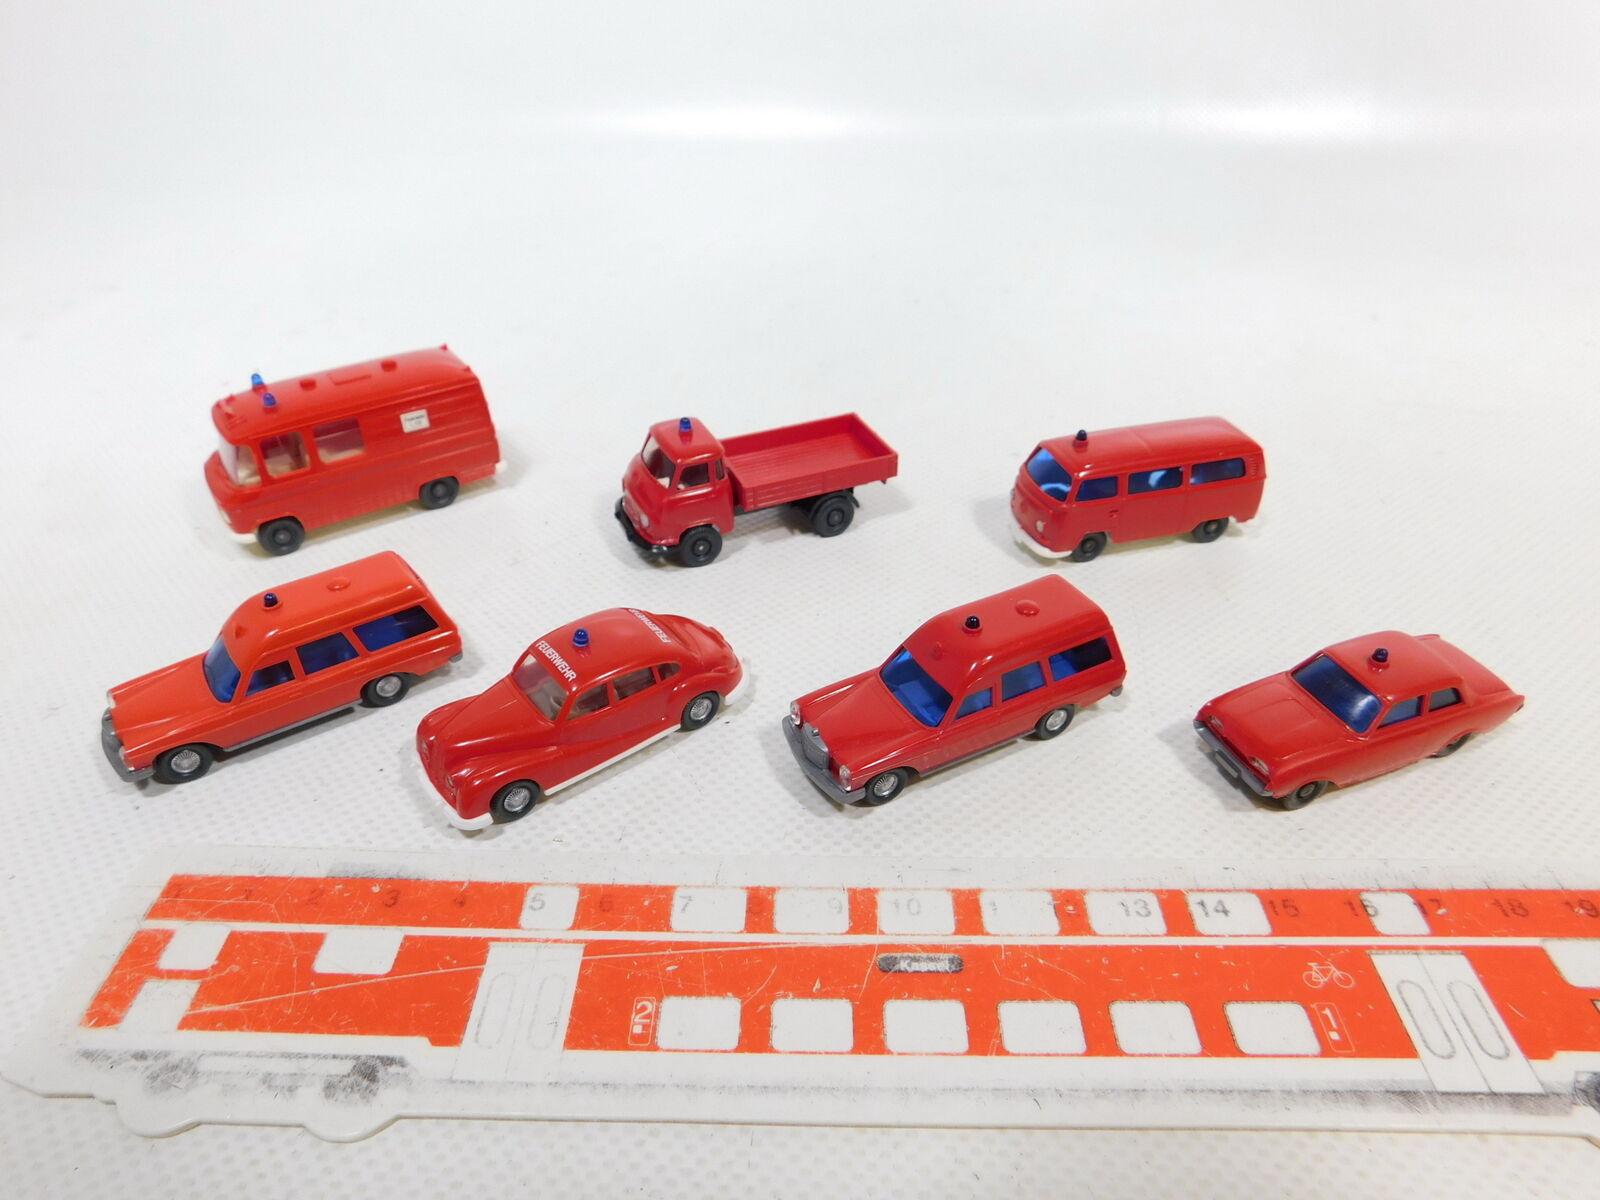 Ca495-0, 5x Wiking 1 87 h0 bomberos  bmw 501 + VW t2 + MB 200 etc, muy bien